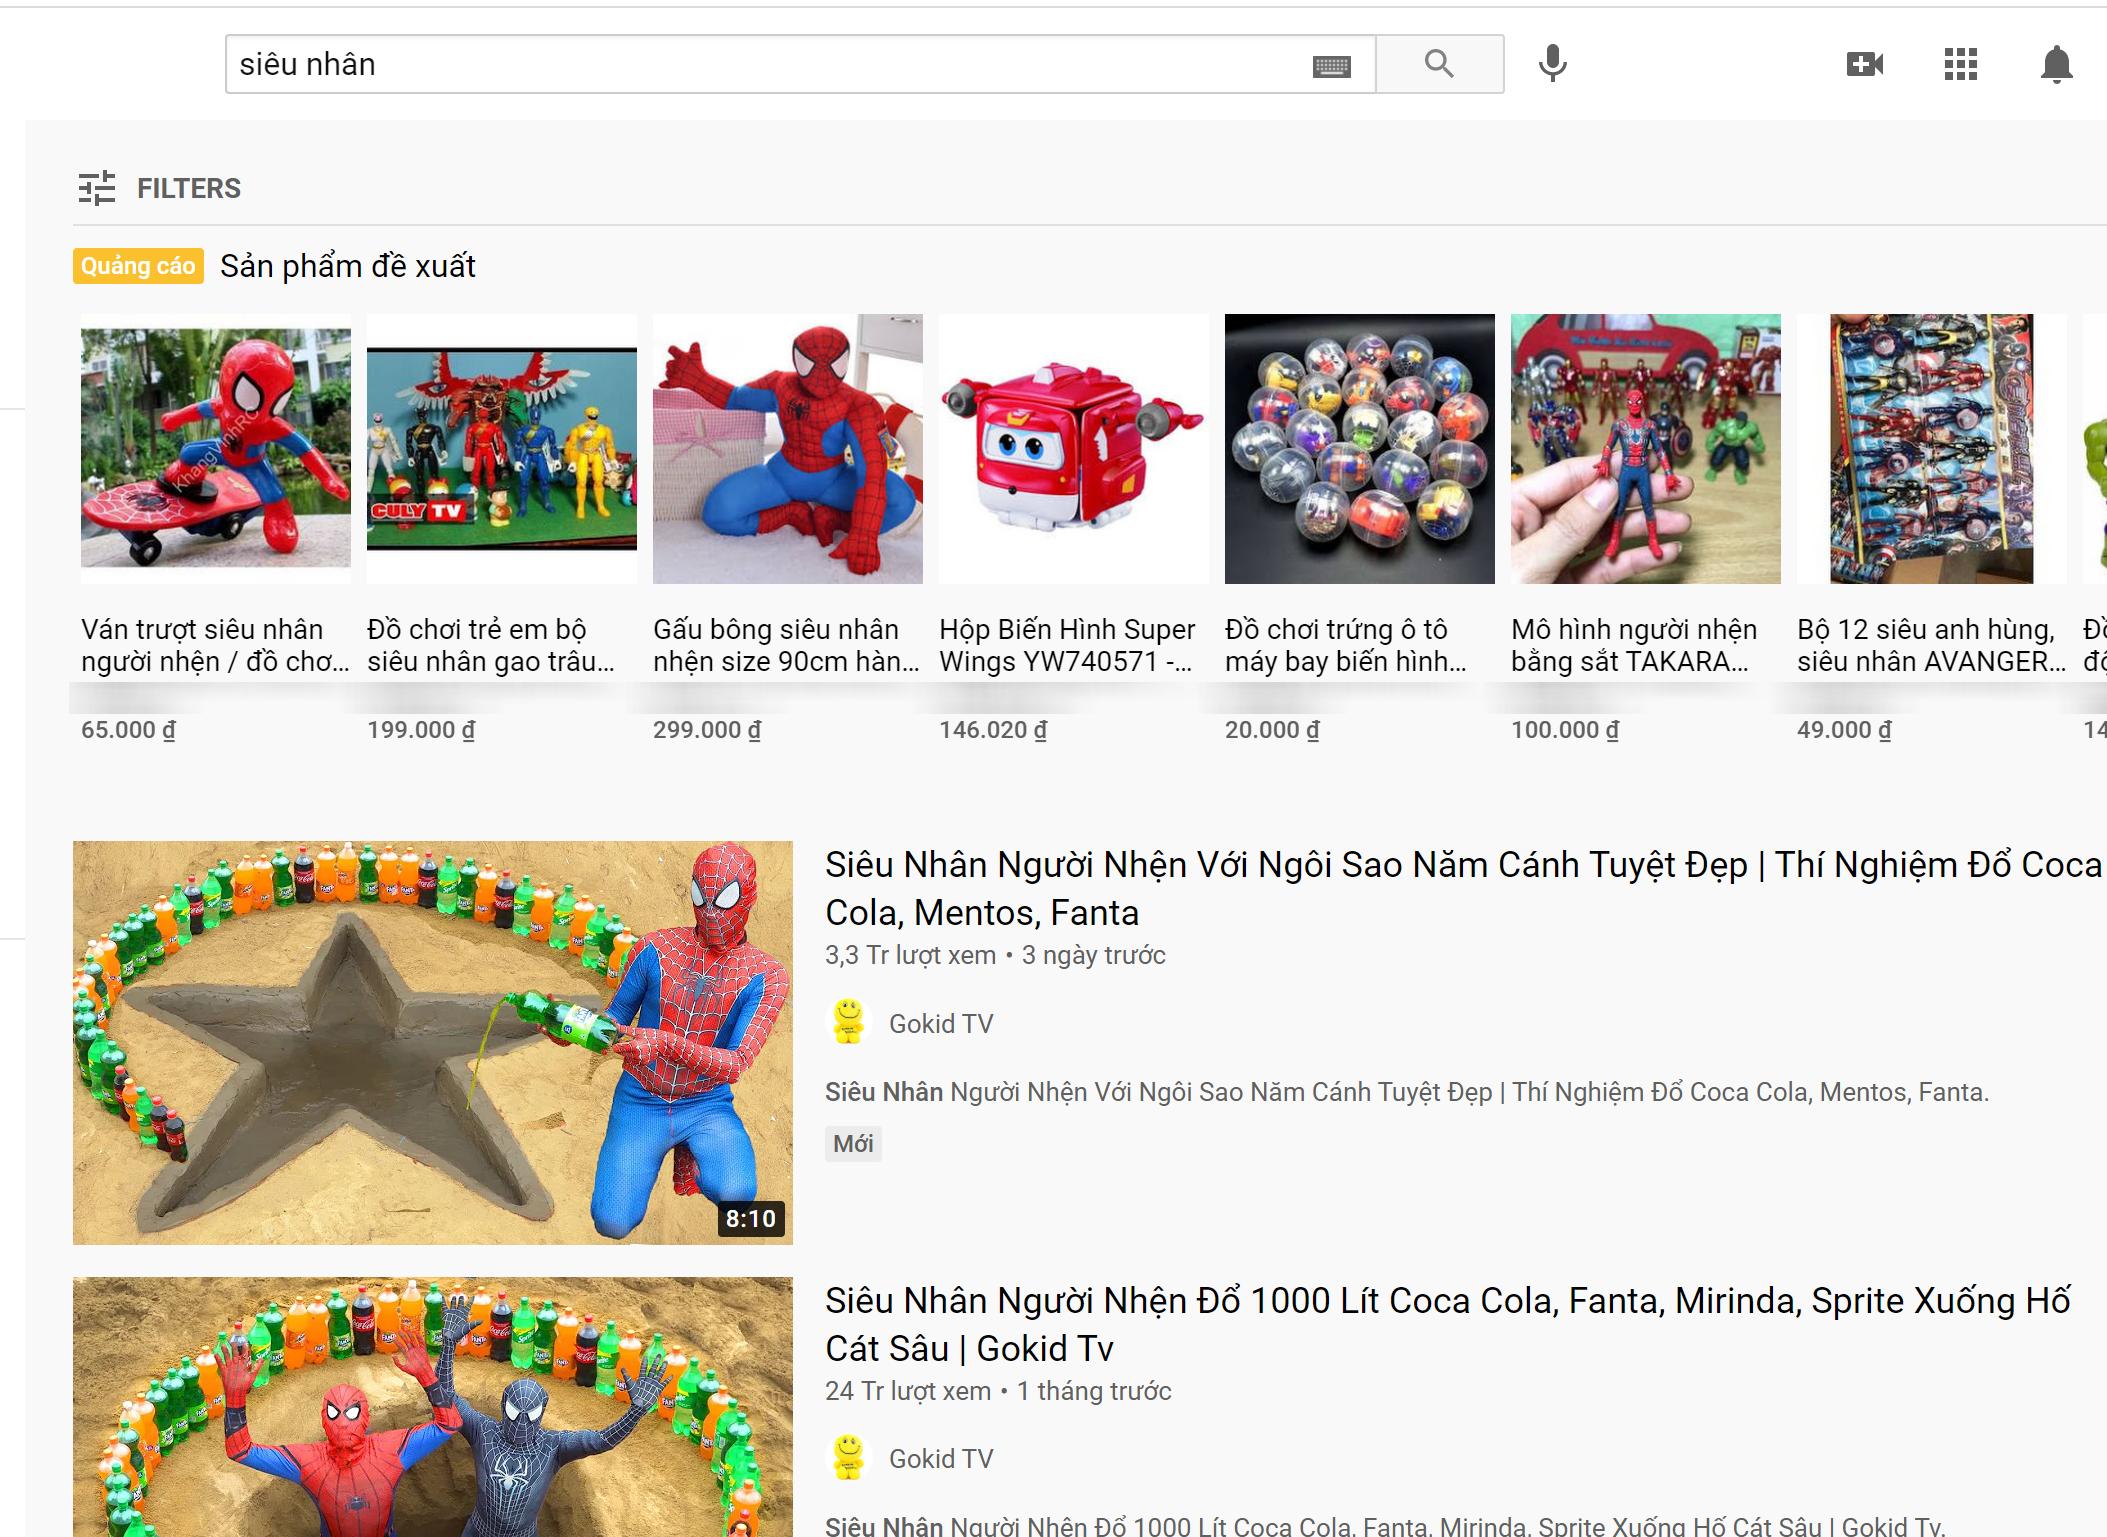 Phát hiện thêm kênh YouTube cho trẻ em có nội dung nhảm nhí: Chuyên thử thách nguy hiểm, còn dùng hình ảnh nhạy cảm câu view - Ảnh 2.